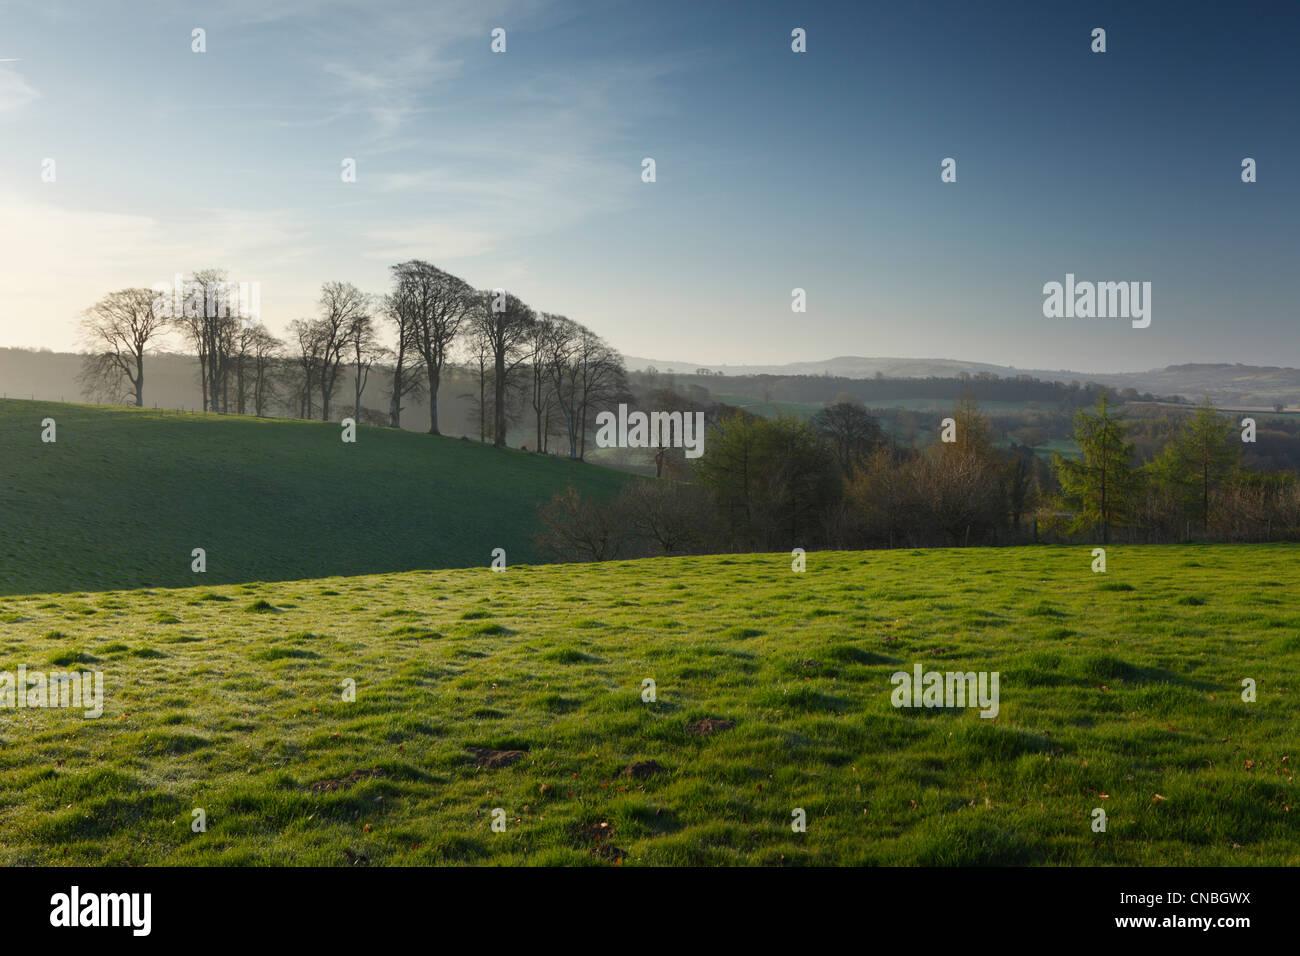 Immobilier St Thomas de cricket au printemps. Le Somerset. L'Angleterre. UK. Photo Stock